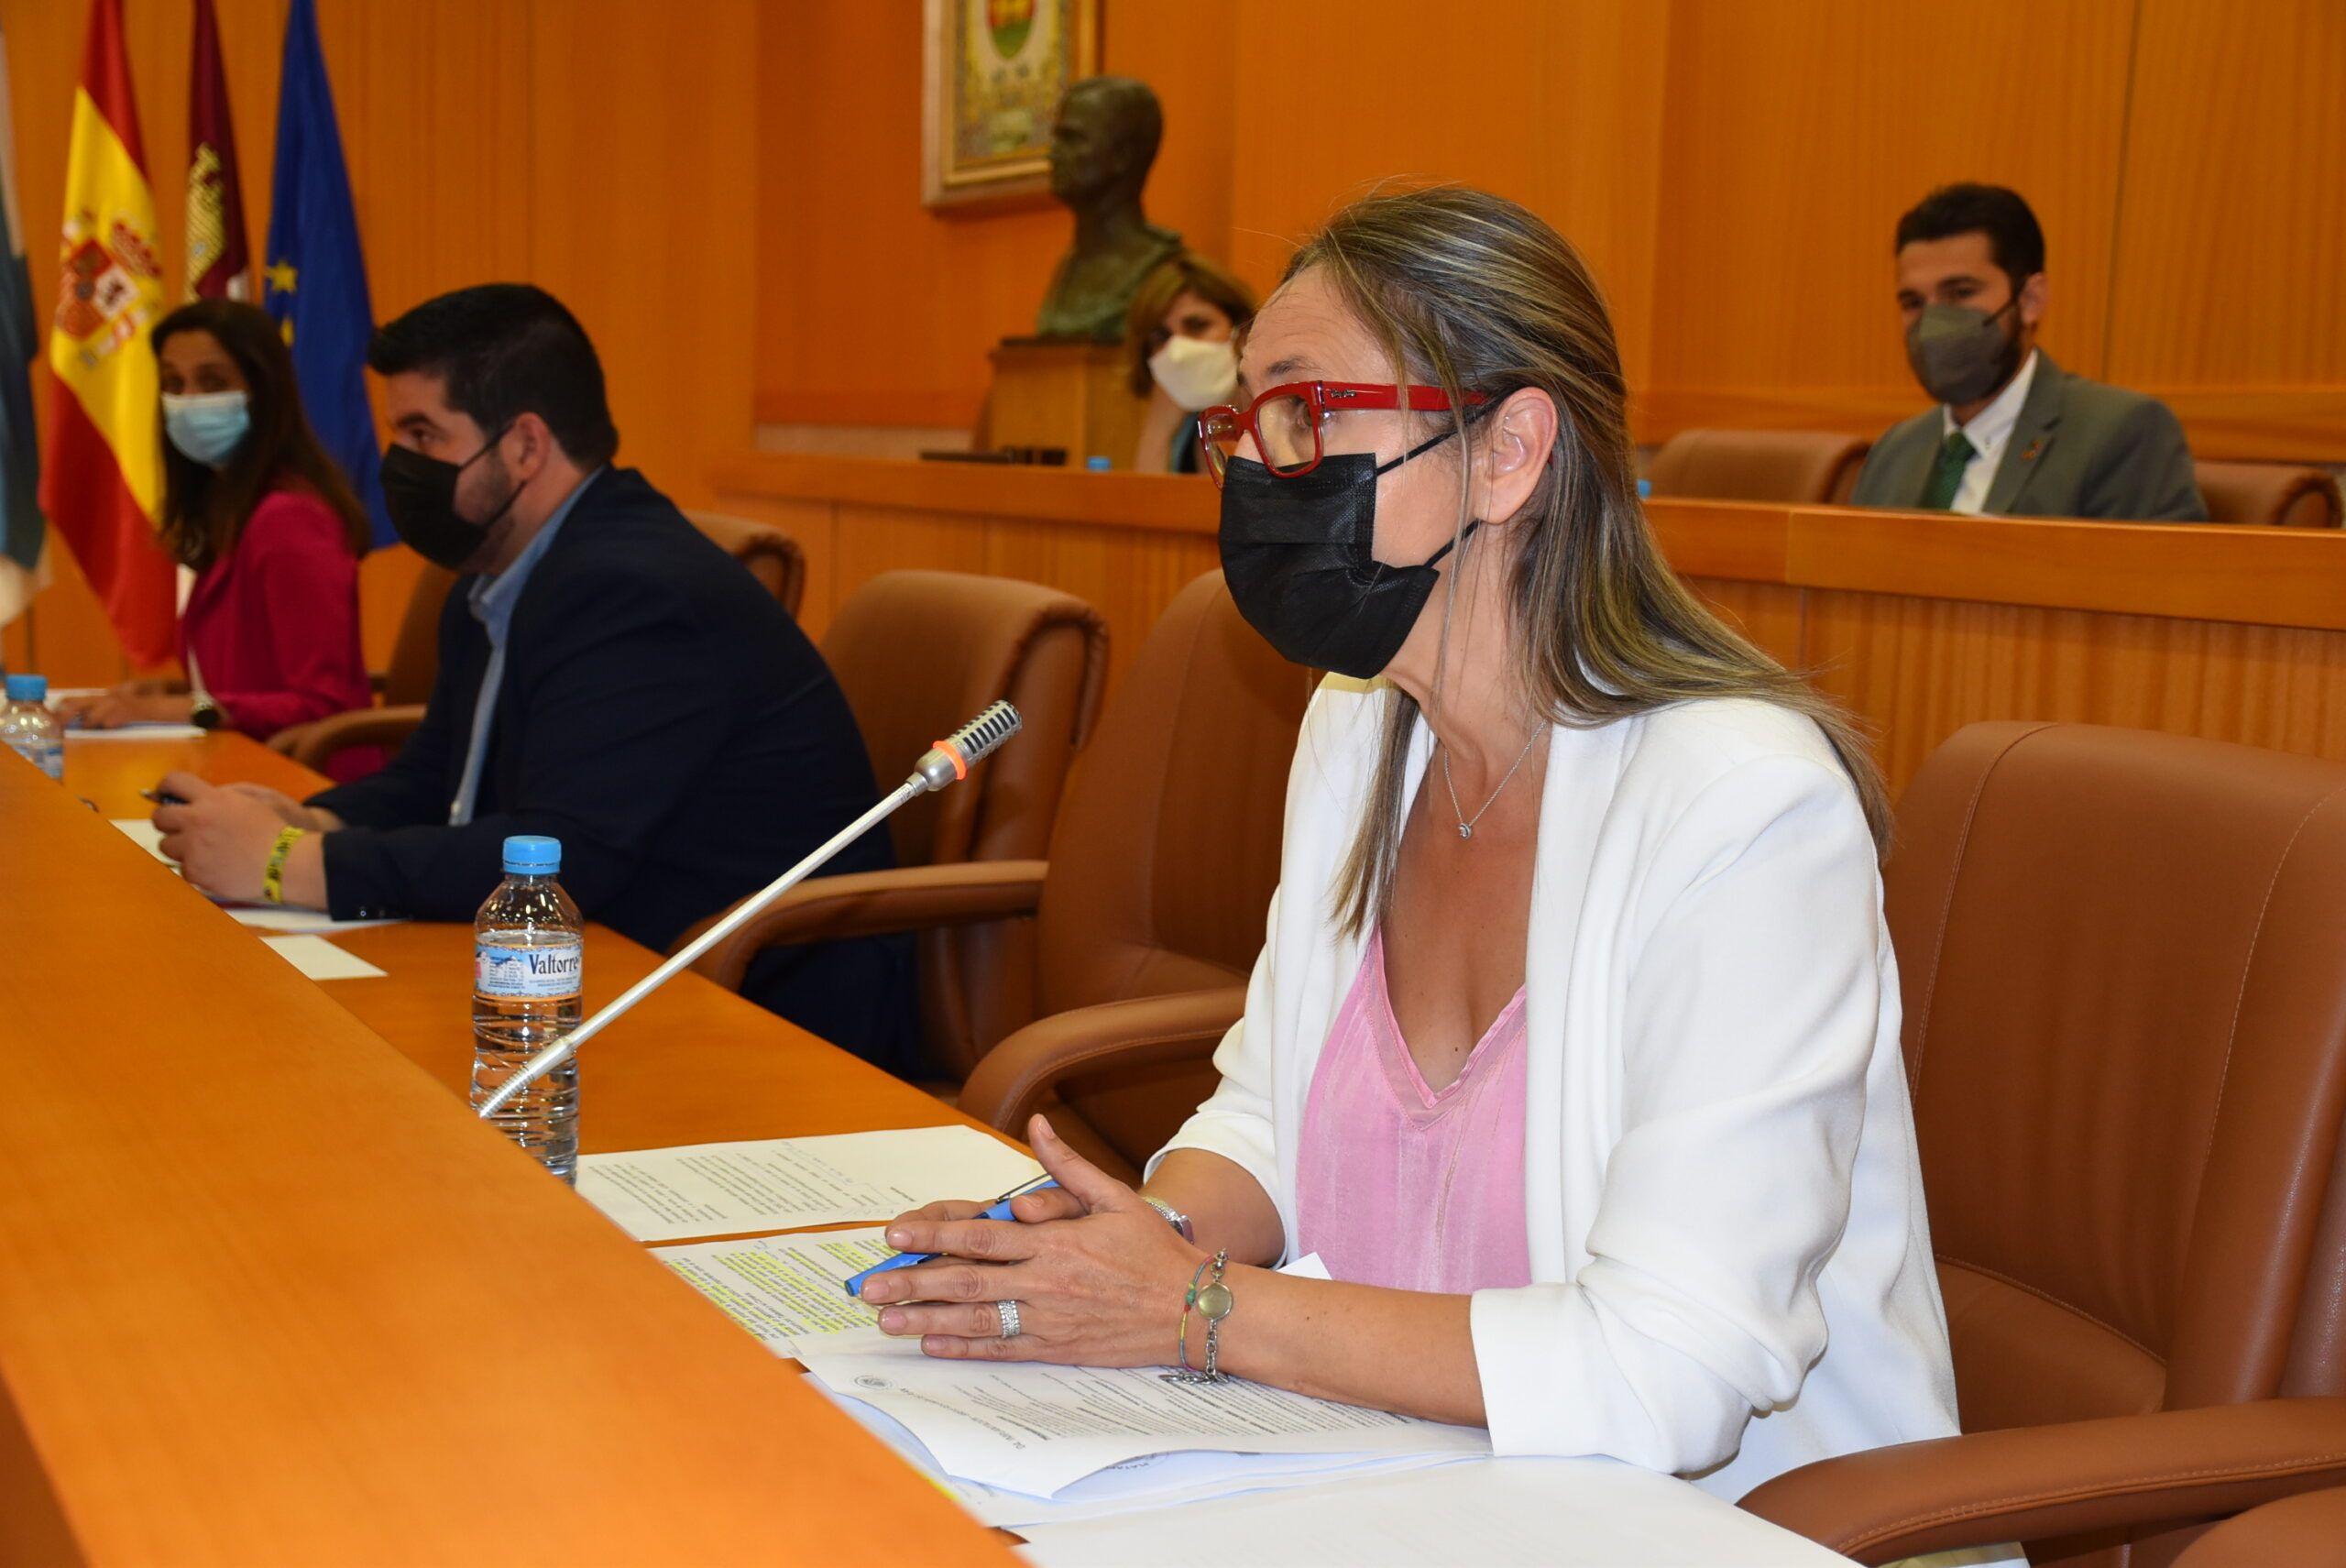 El Pleno municipal respalda el proyecto de cultura de la bicicleta para impulsar un modelo nuevo de movilidad sostenible y turístico en Talavera